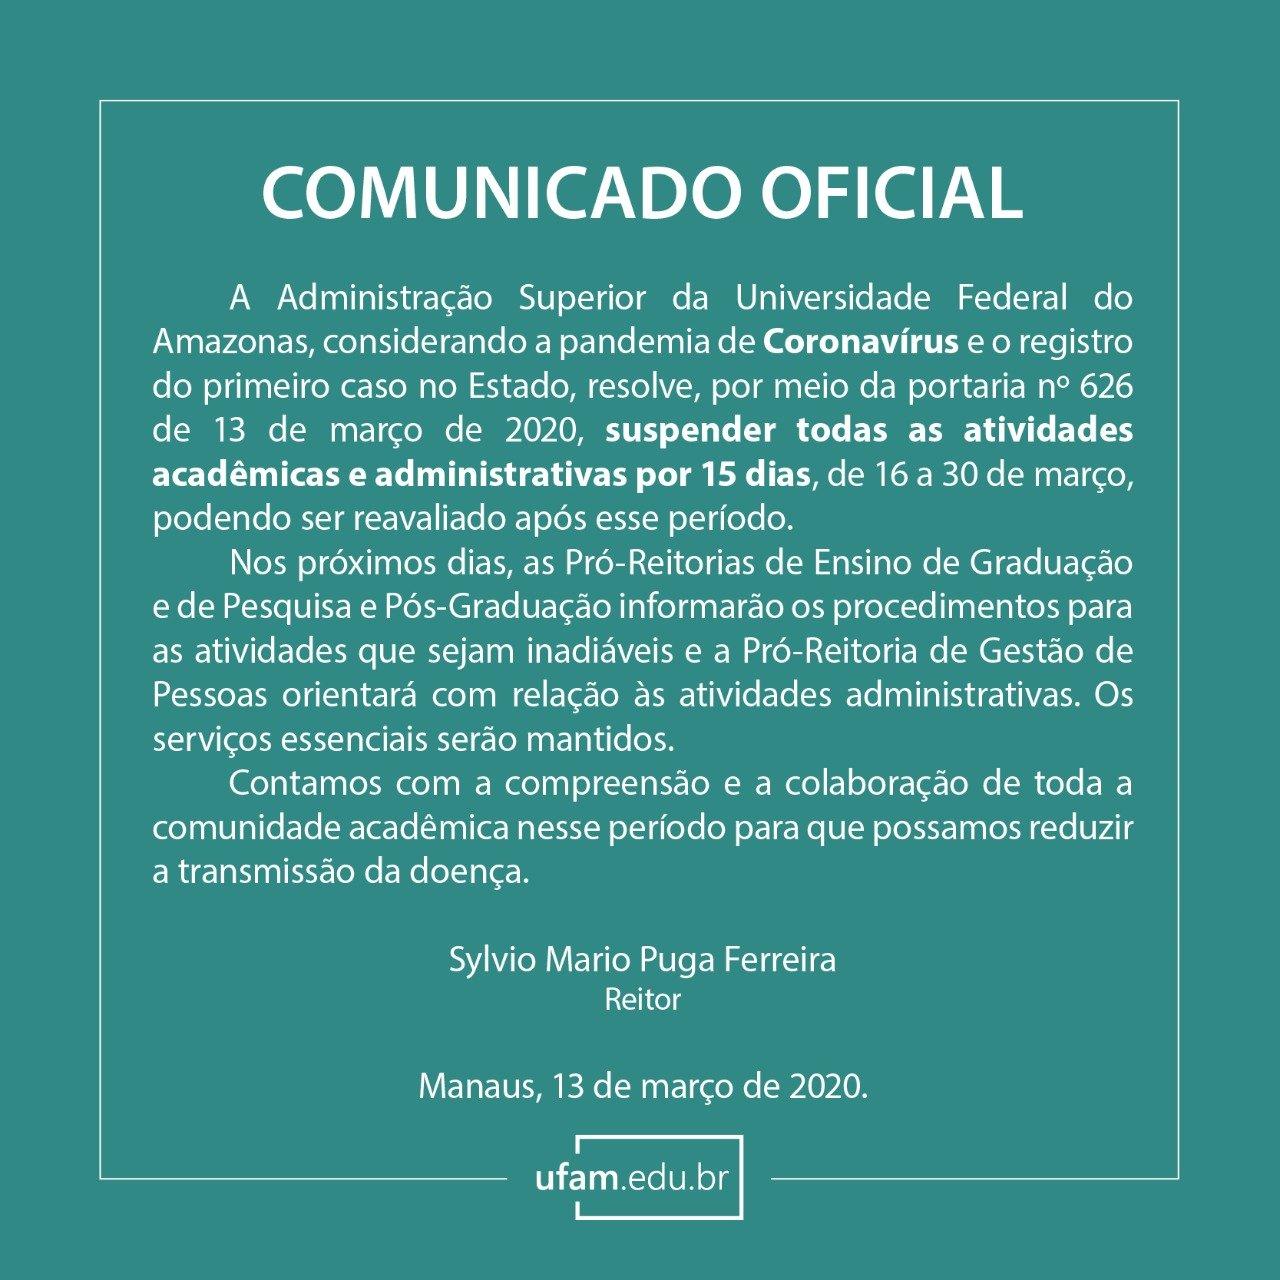 UFAM suspende atividades Acadêmicas e Administrativas presenciais de 16/03 a 30/03.